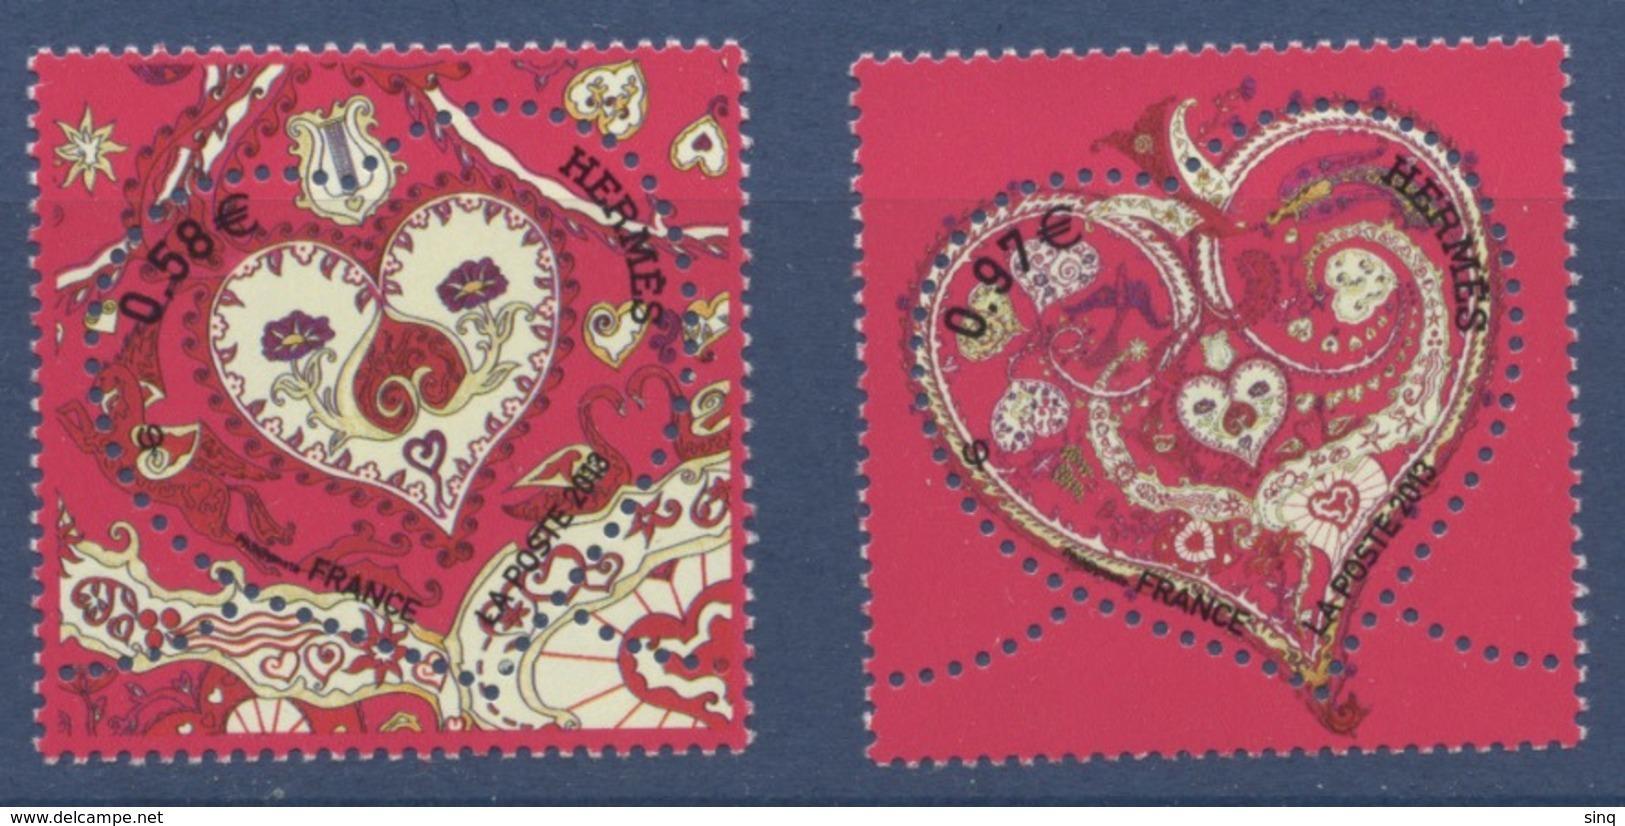 """N° 4717 Et 4718 Saint Valentin """"De Tout Coeur"""" Hermès Faciale 0,58+0,97€ - France"""